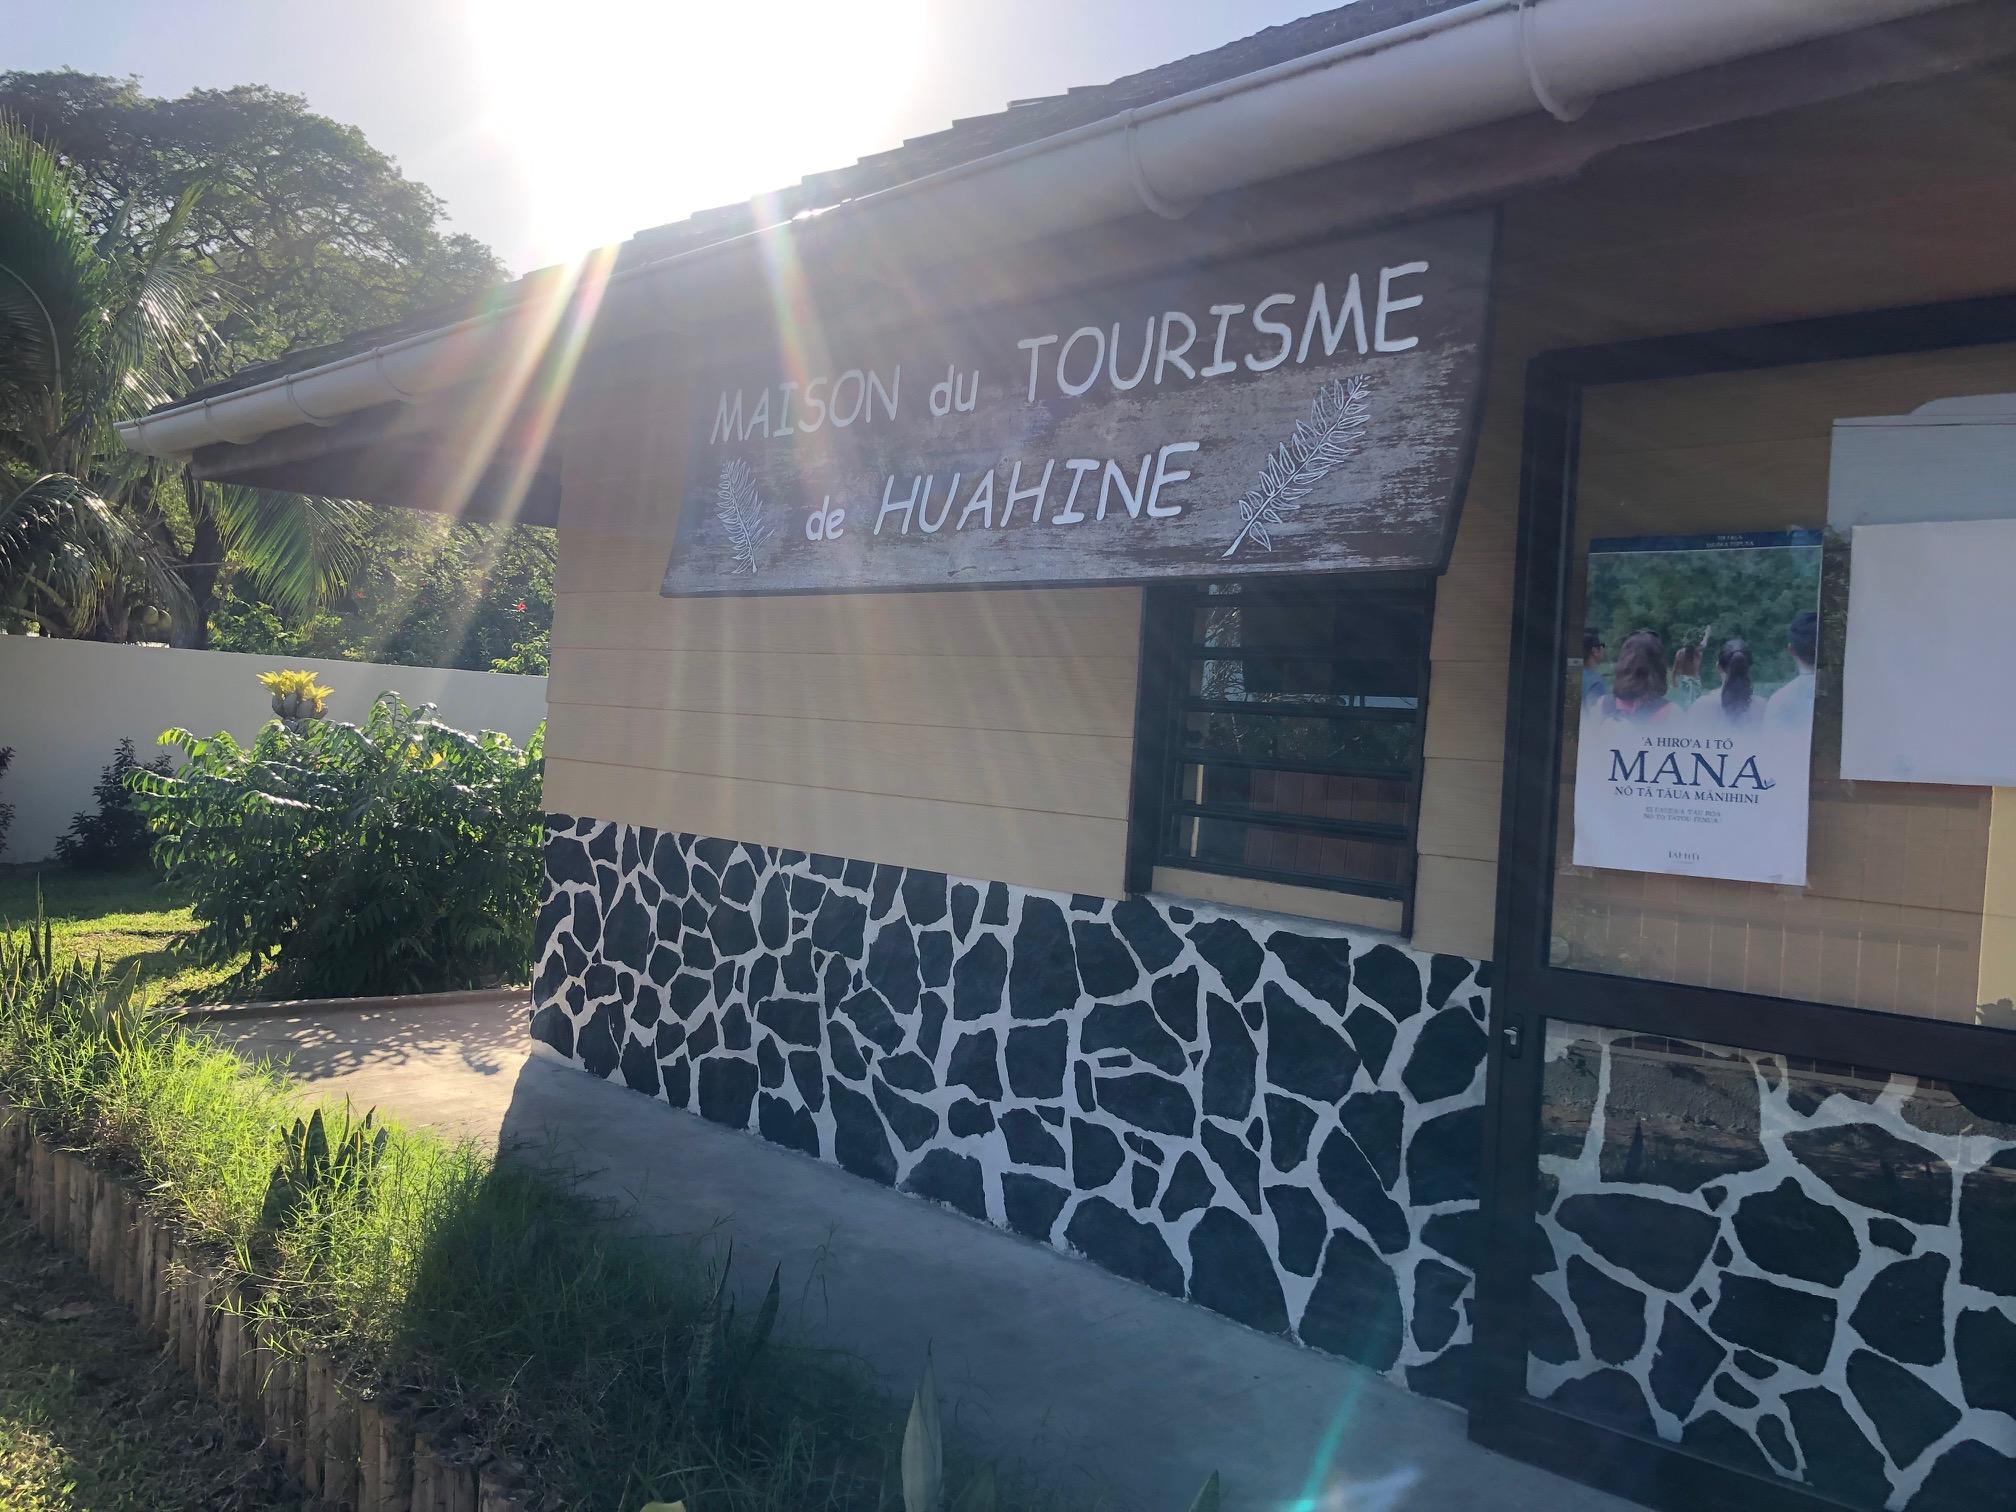 タヒチ、フアヒネ島、観光局